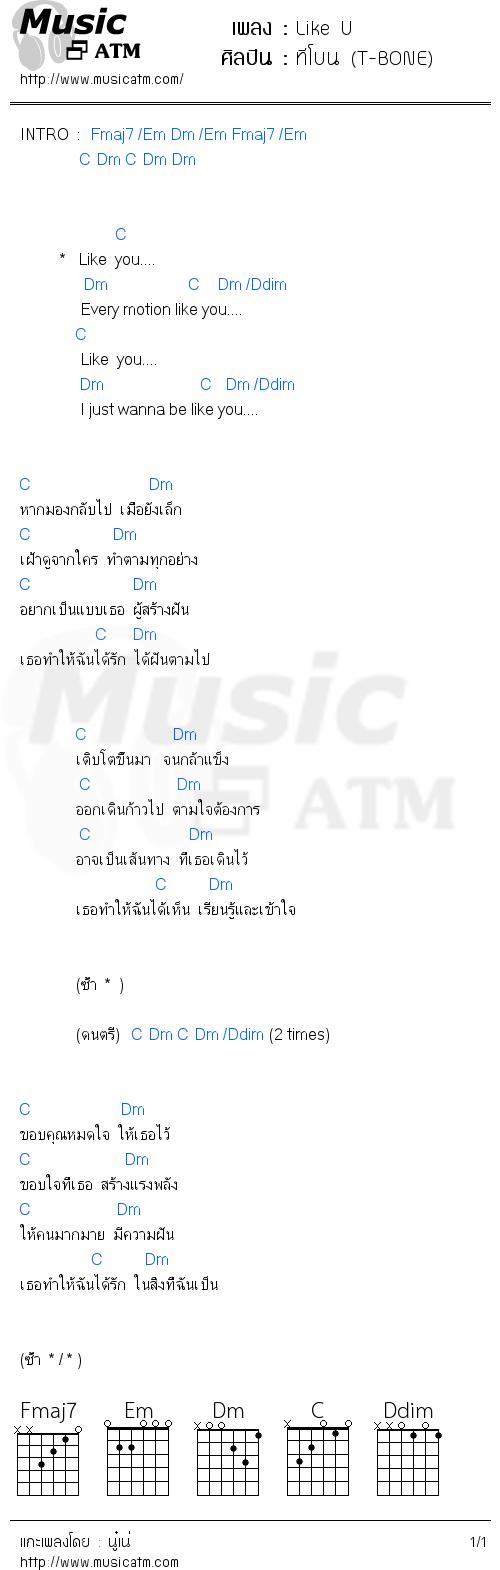 คอร์ดเพลง Like U - ทีโบน (T-BONE) | คอร์ดเพลงใหม่